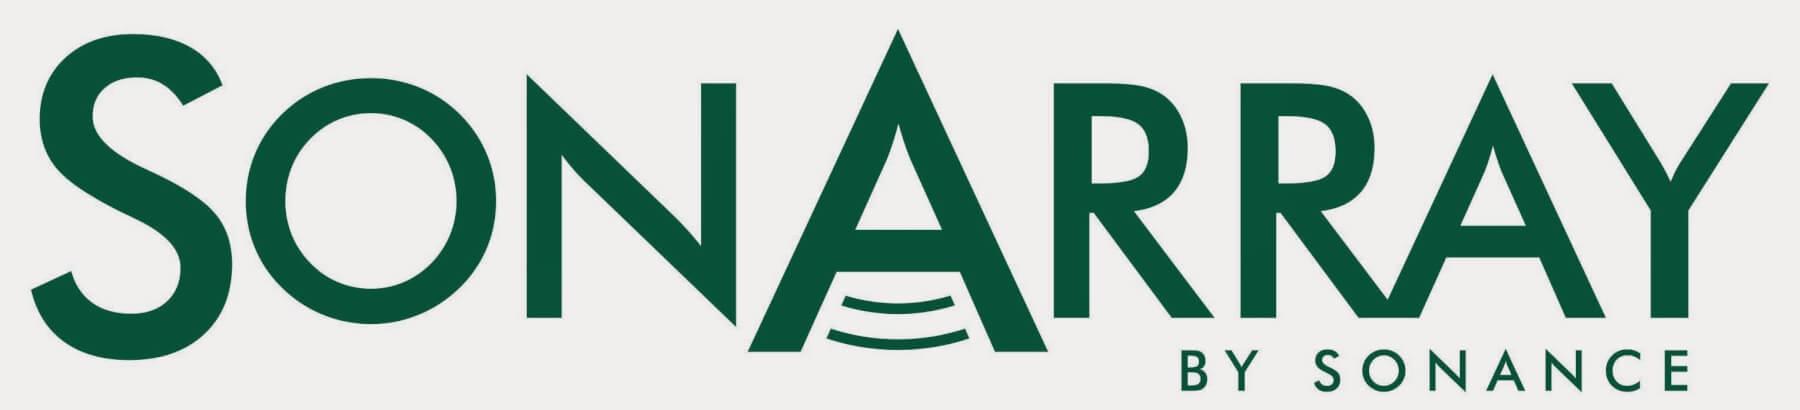 Sonarray_logo